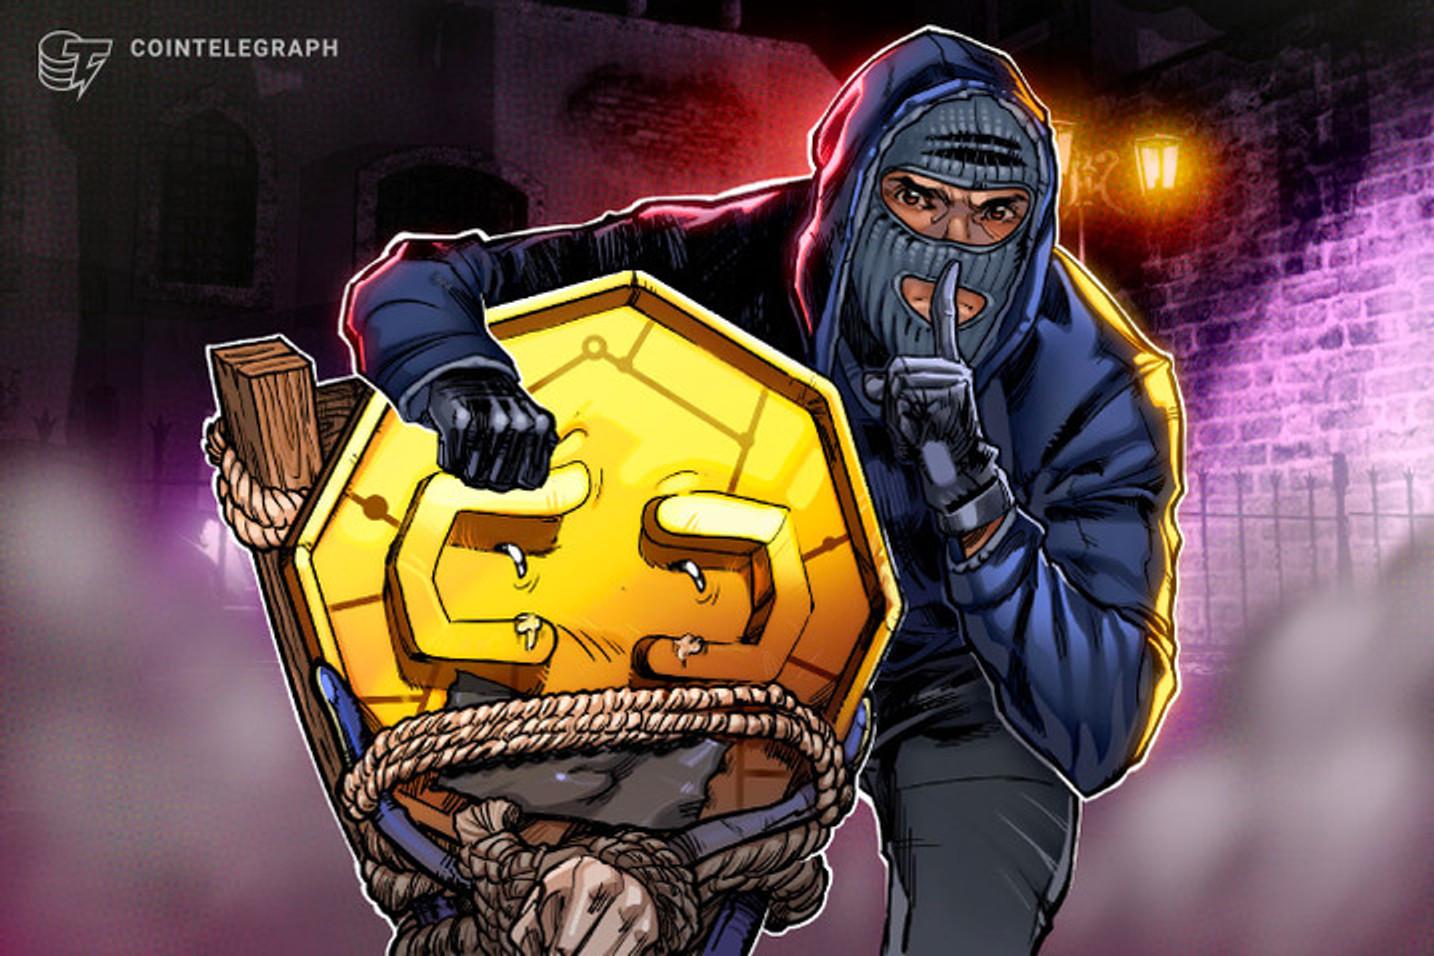 Grupos extremistas dos EUA crescem usando criptomoedas, abandonam o Bitcoin e preferem o Monero